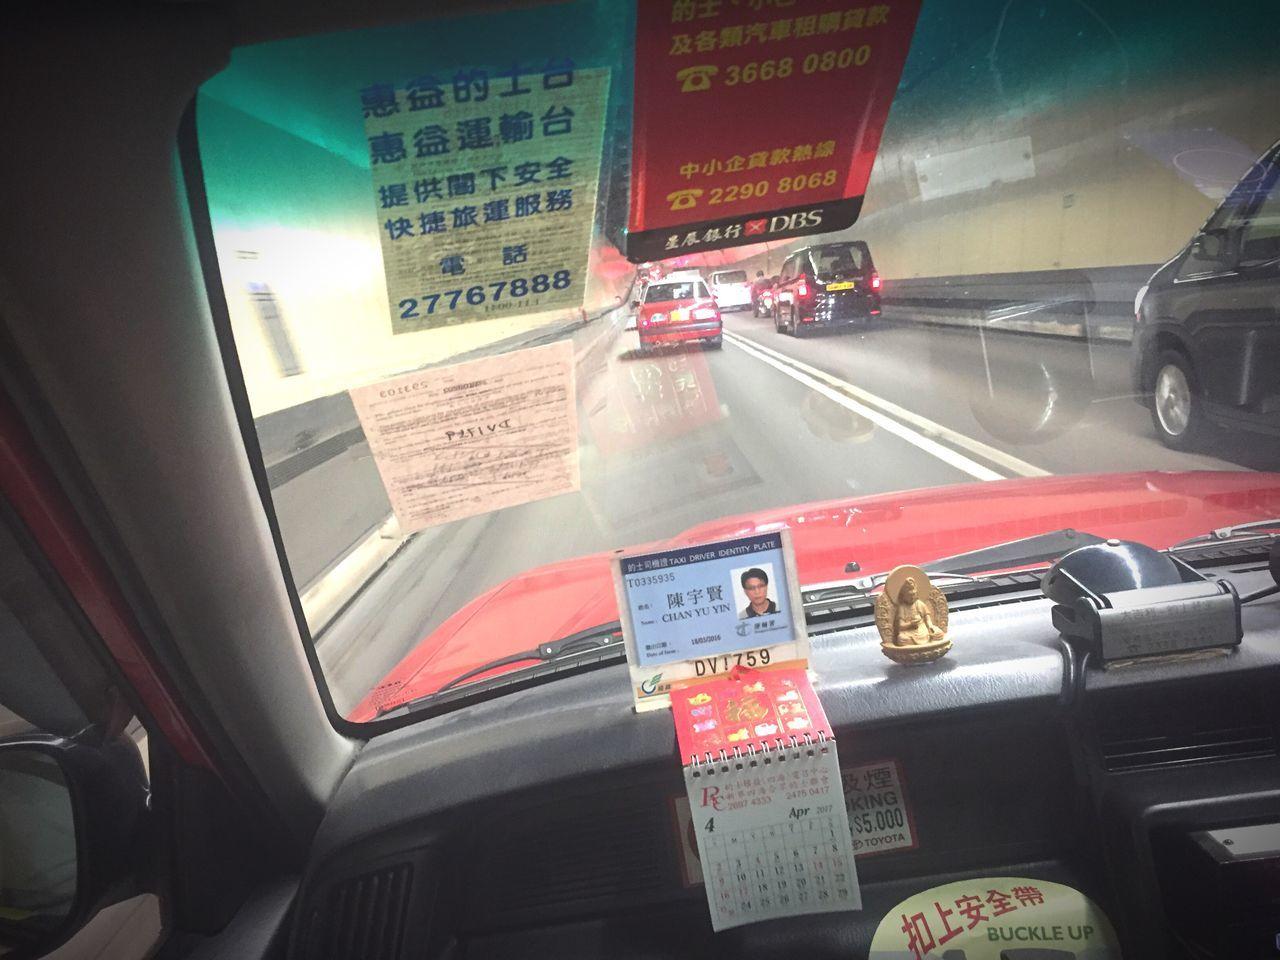 HongKong Hong Kong HongKong Taxi Taxi Driver Hongkong Photos Hongkong Tourism Hongkongphotography Hong Kong City Cars Taxi Chinese Driving Around Passenger Passenger Seat Drivebyphotography